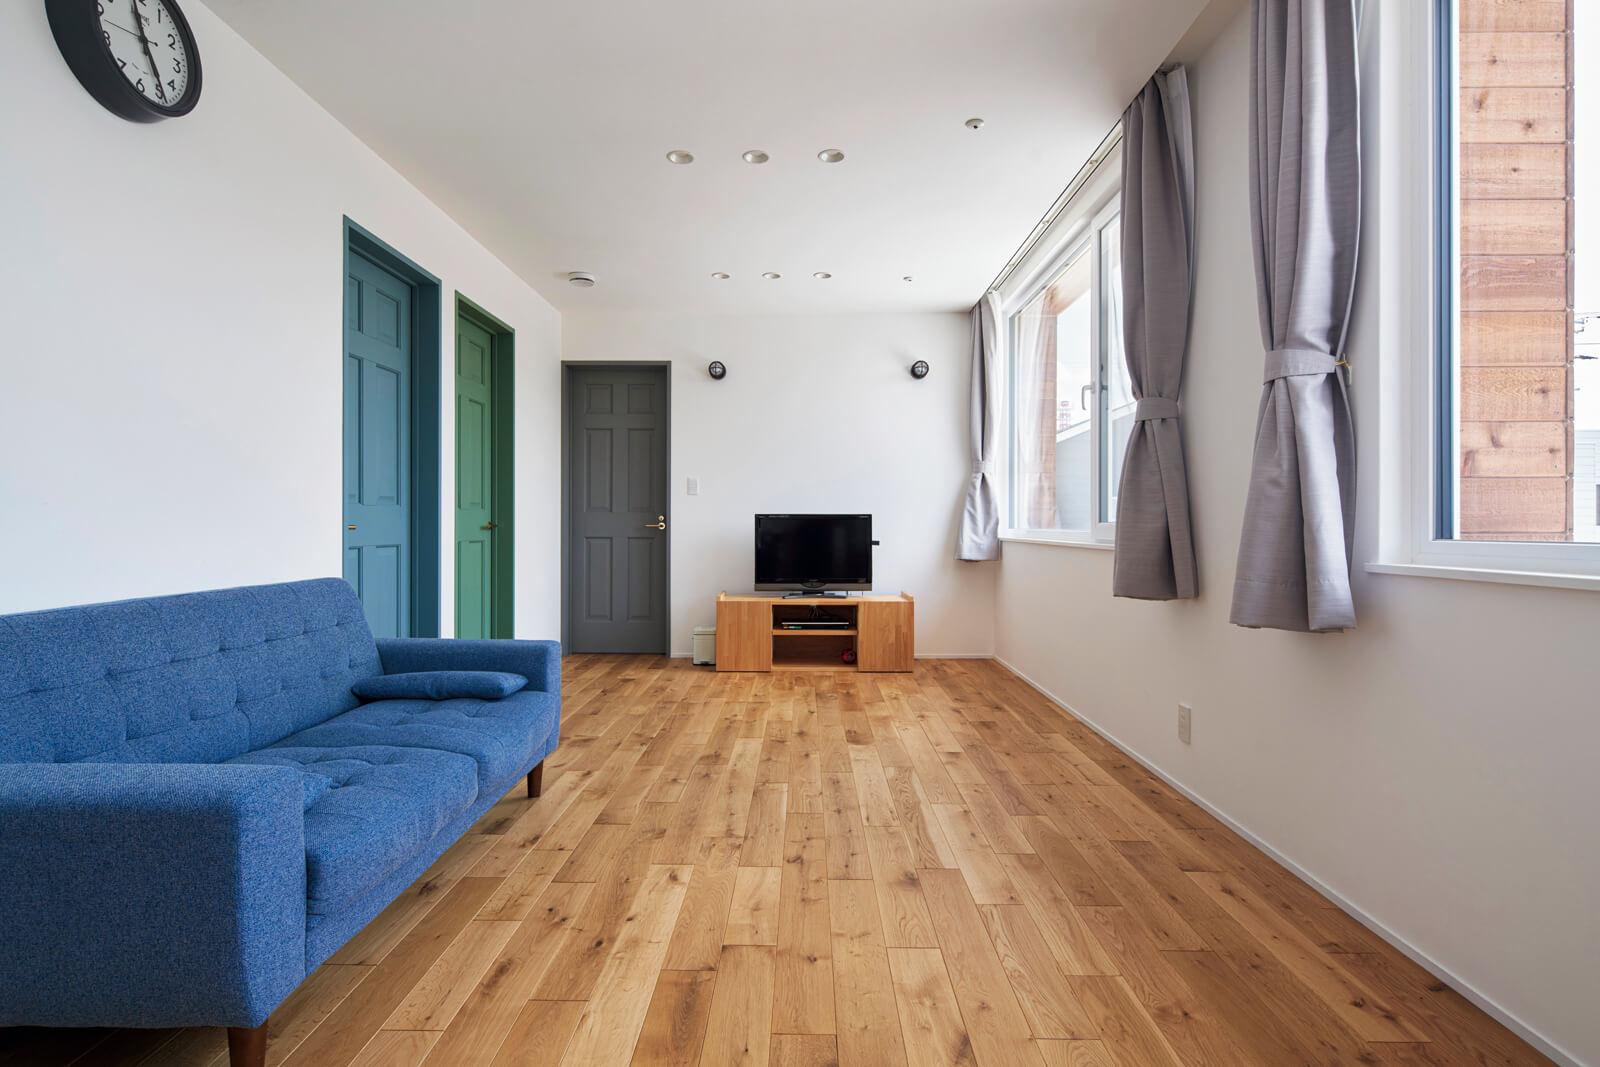 13帖の広さを備える2階フリースペース。各個室の木製ドアにはそれぞれが好きな色をペイントした